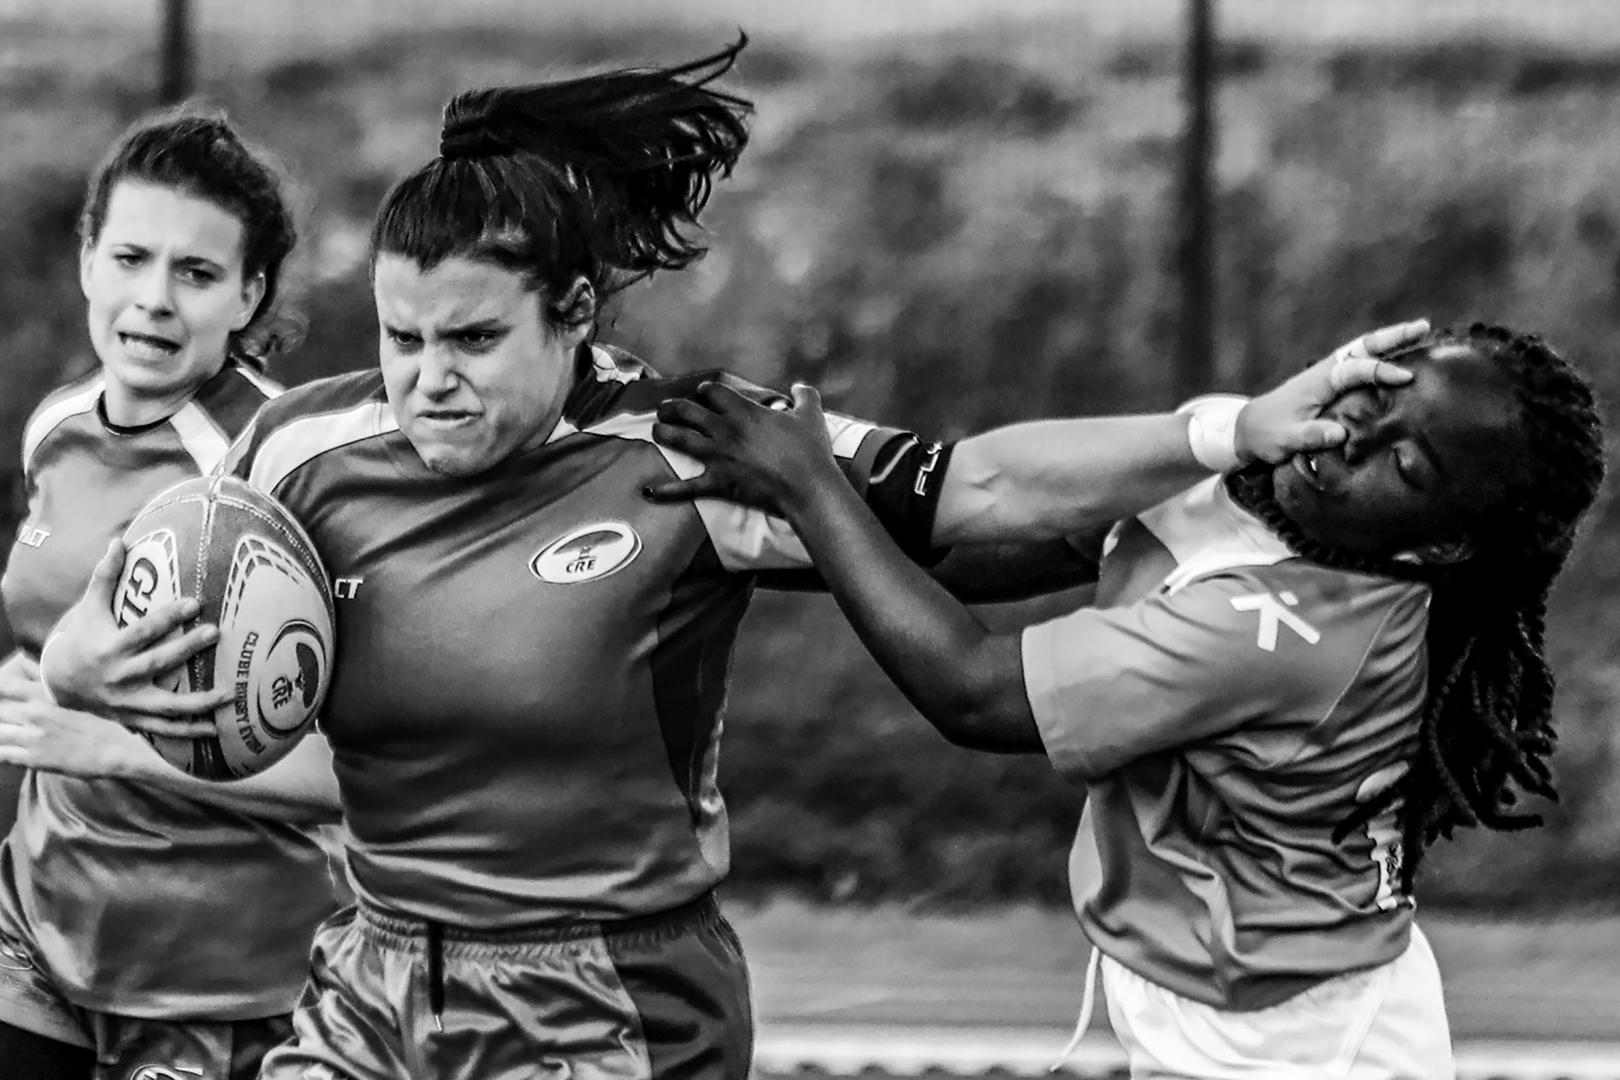 Desporto e Ação/Cheira a minha mão